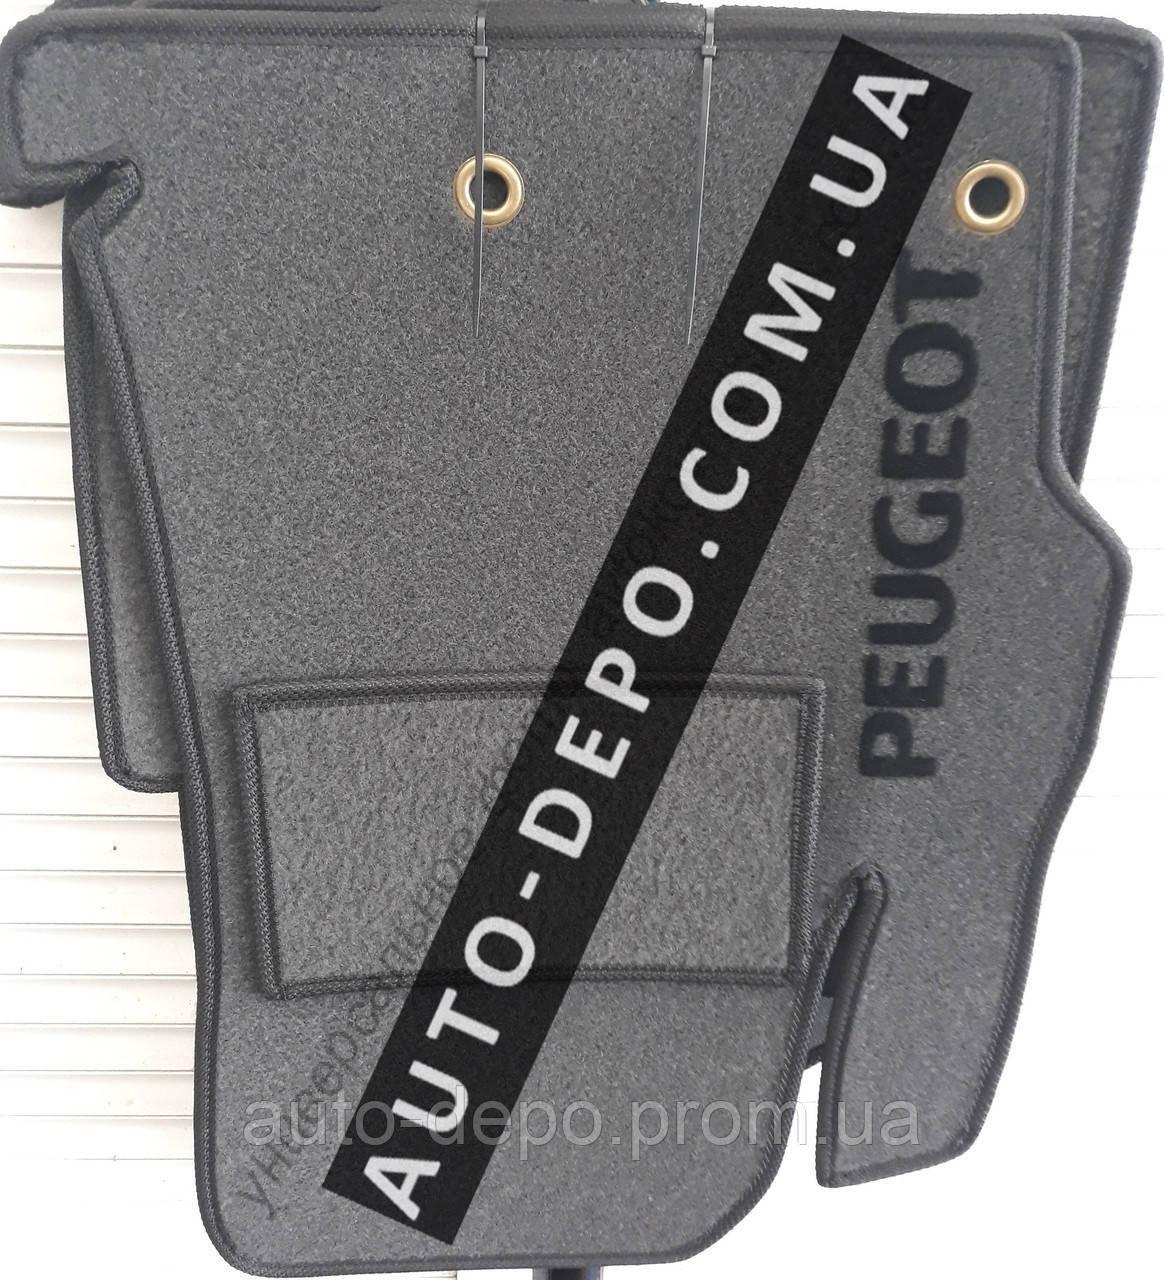 Ворсовые коврики салона Peugeot Partner 2002-2008 VIP ЛЮКС АВТО-ВОРС